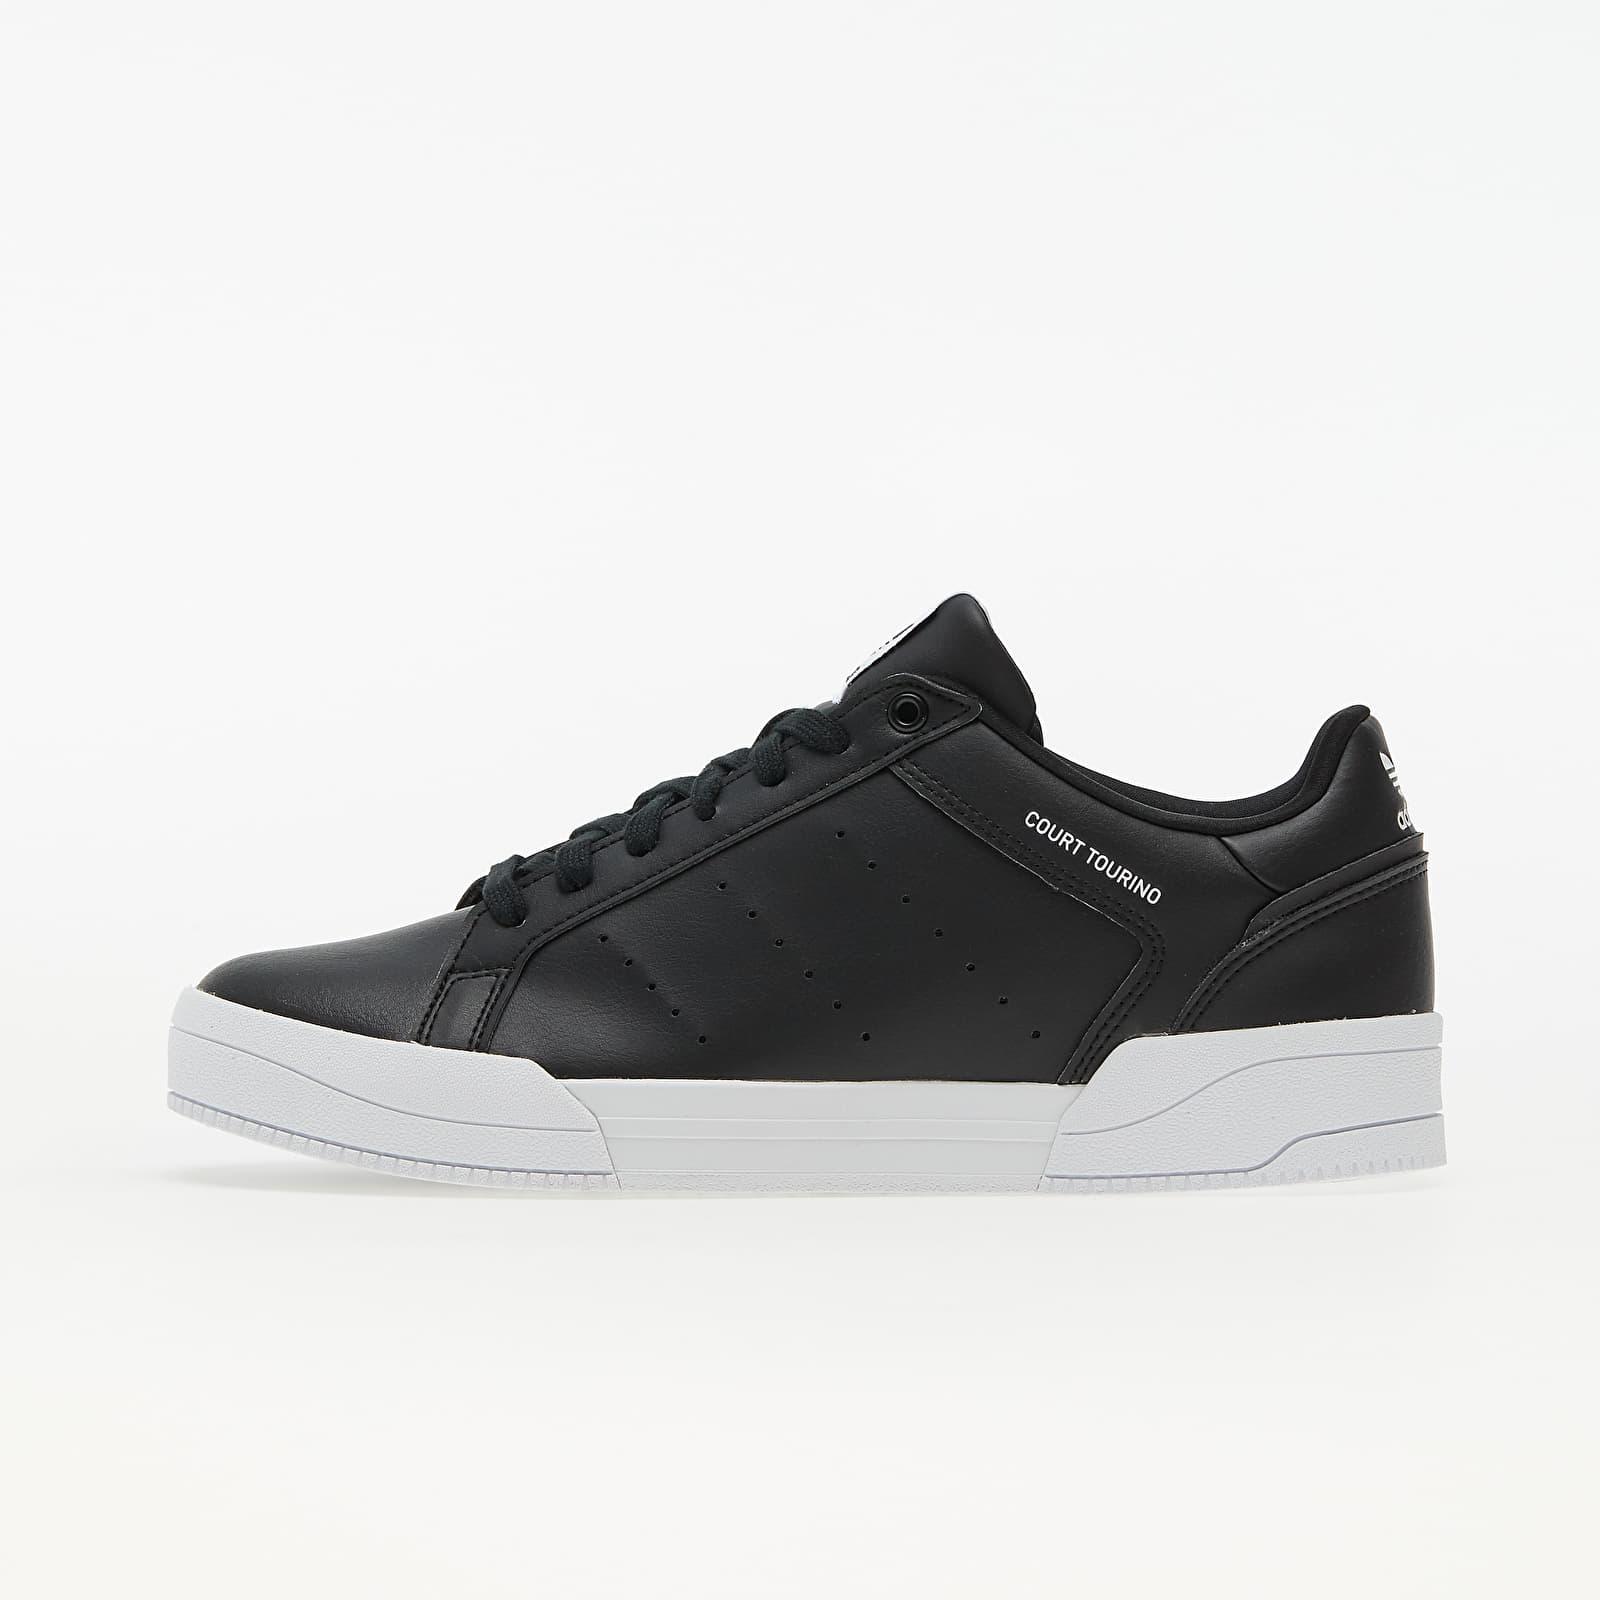 adidas Court Tourino Core Black/ Ftw White/ Ftw White